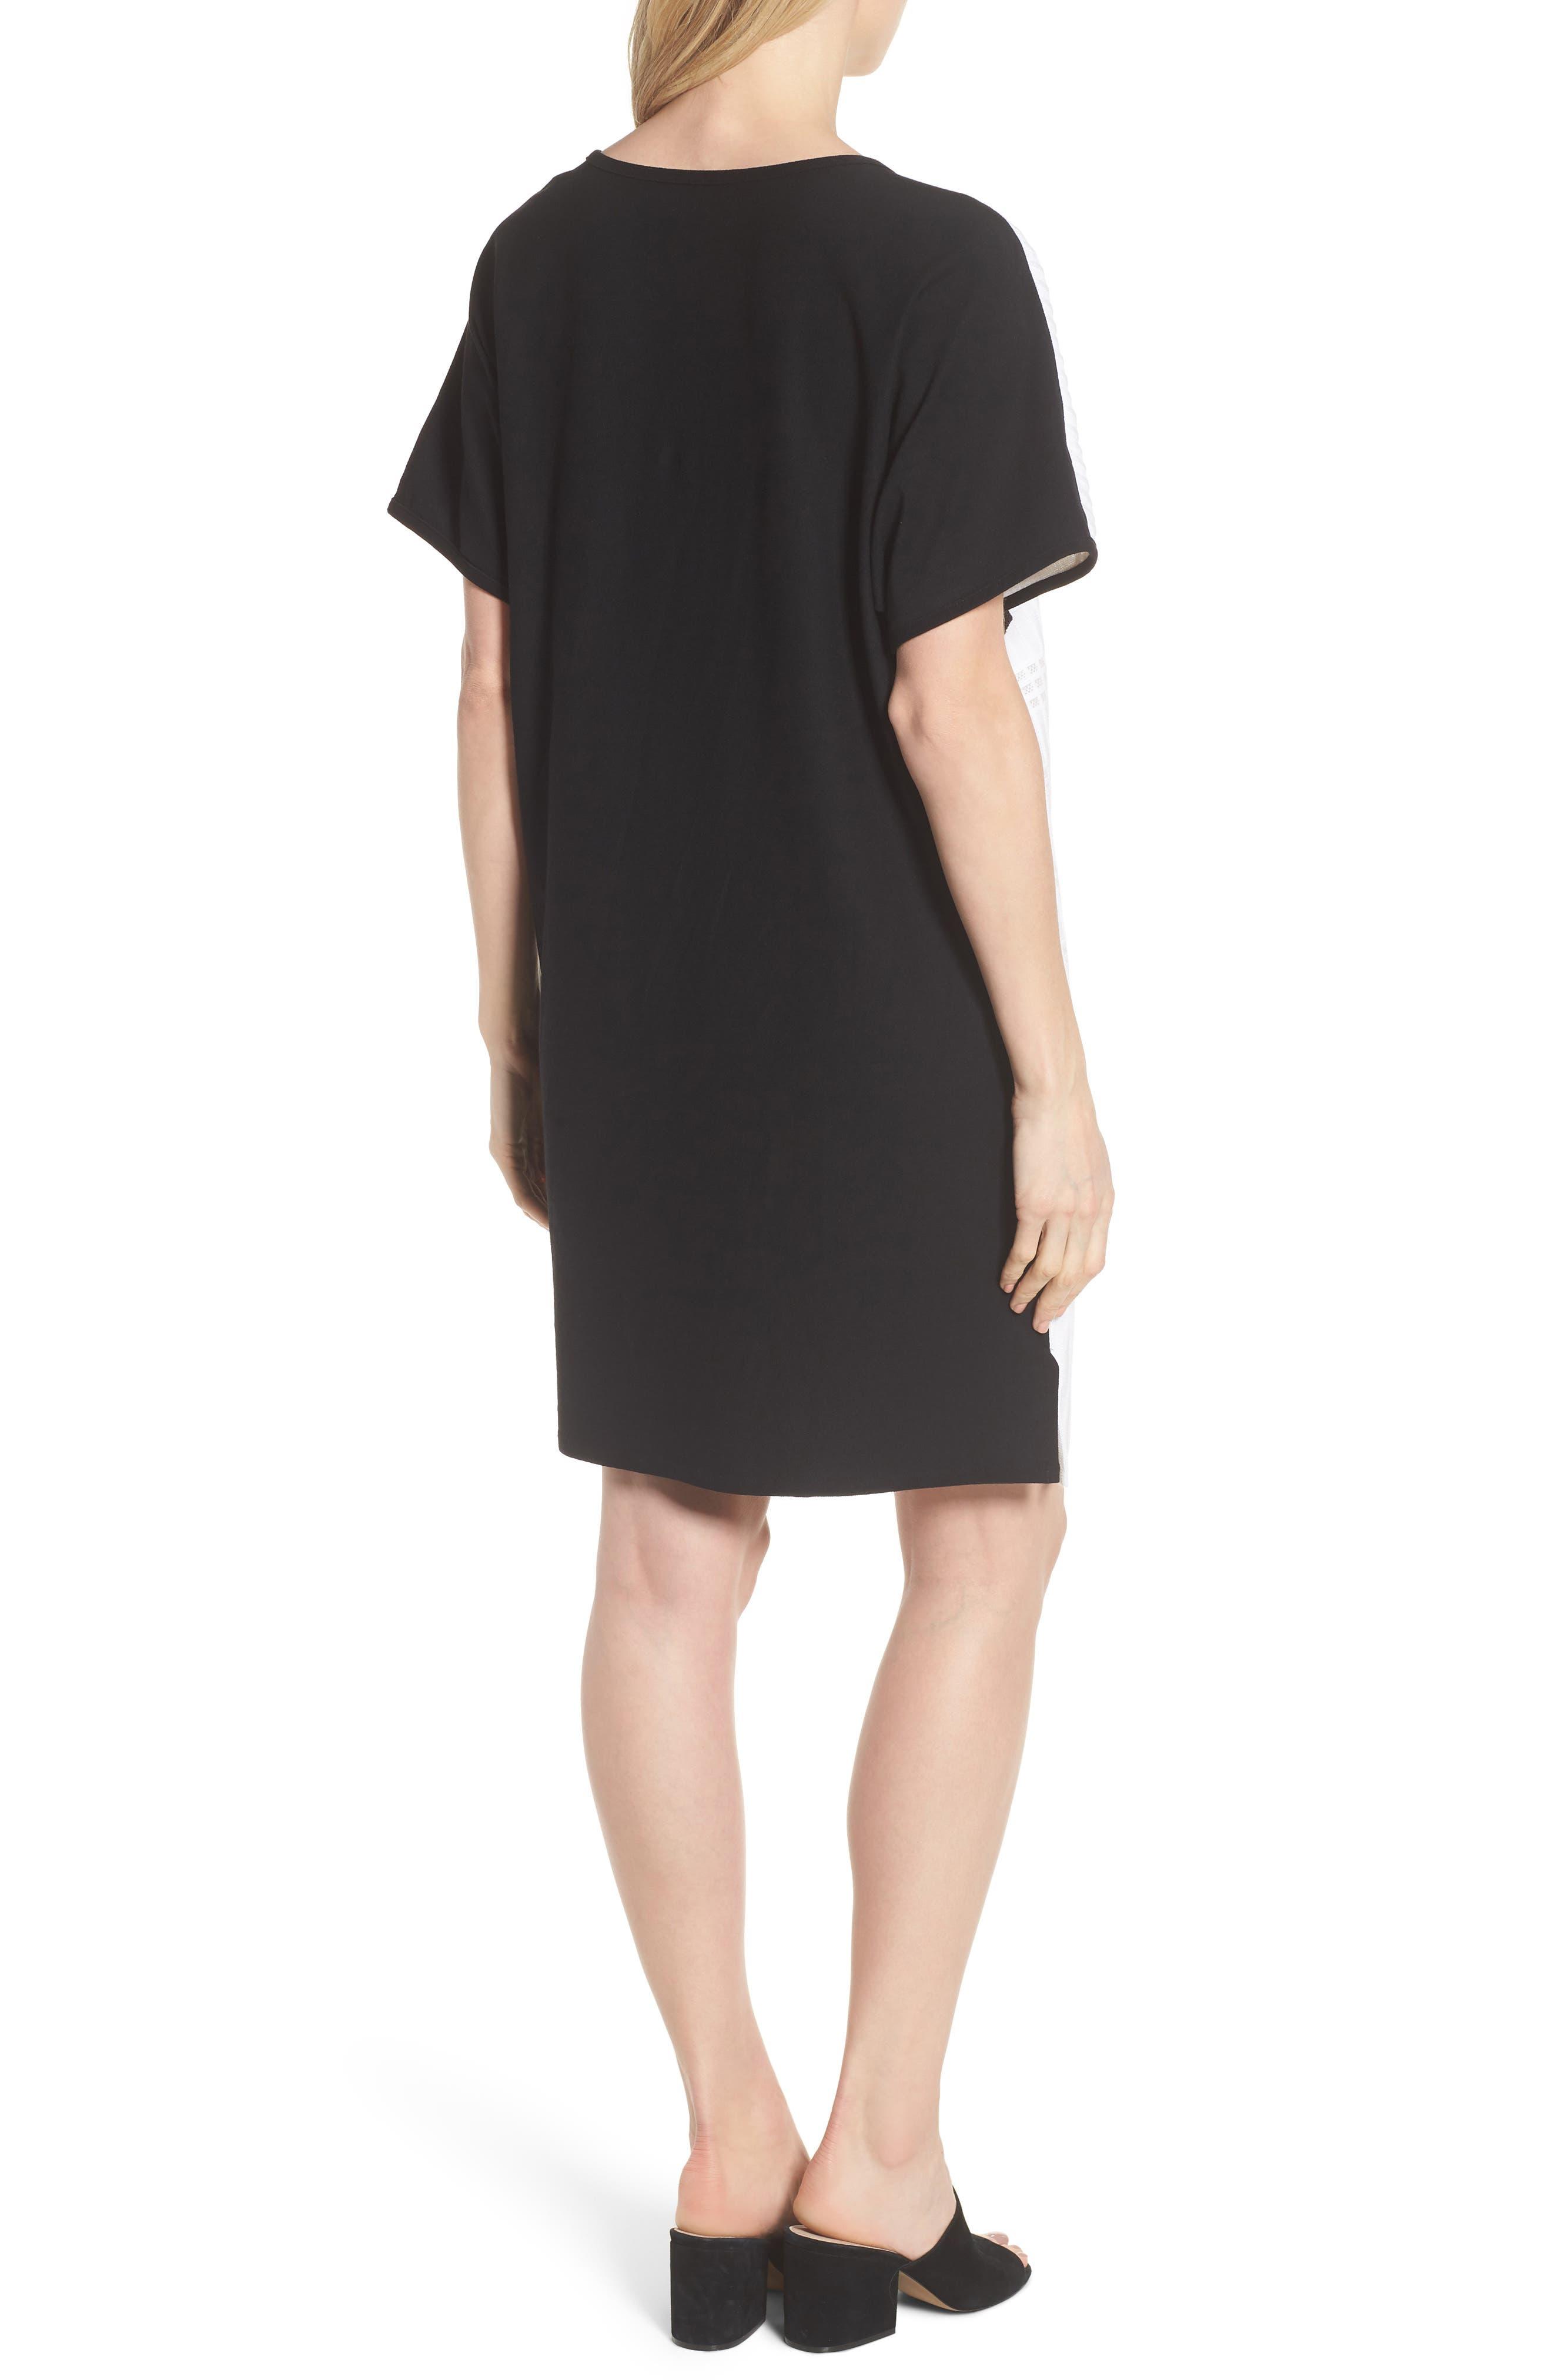 Geometric Jacquard Tunic Dress,                             Alternate thumbnail 2, color,                             White/ Almond Beige/ Black